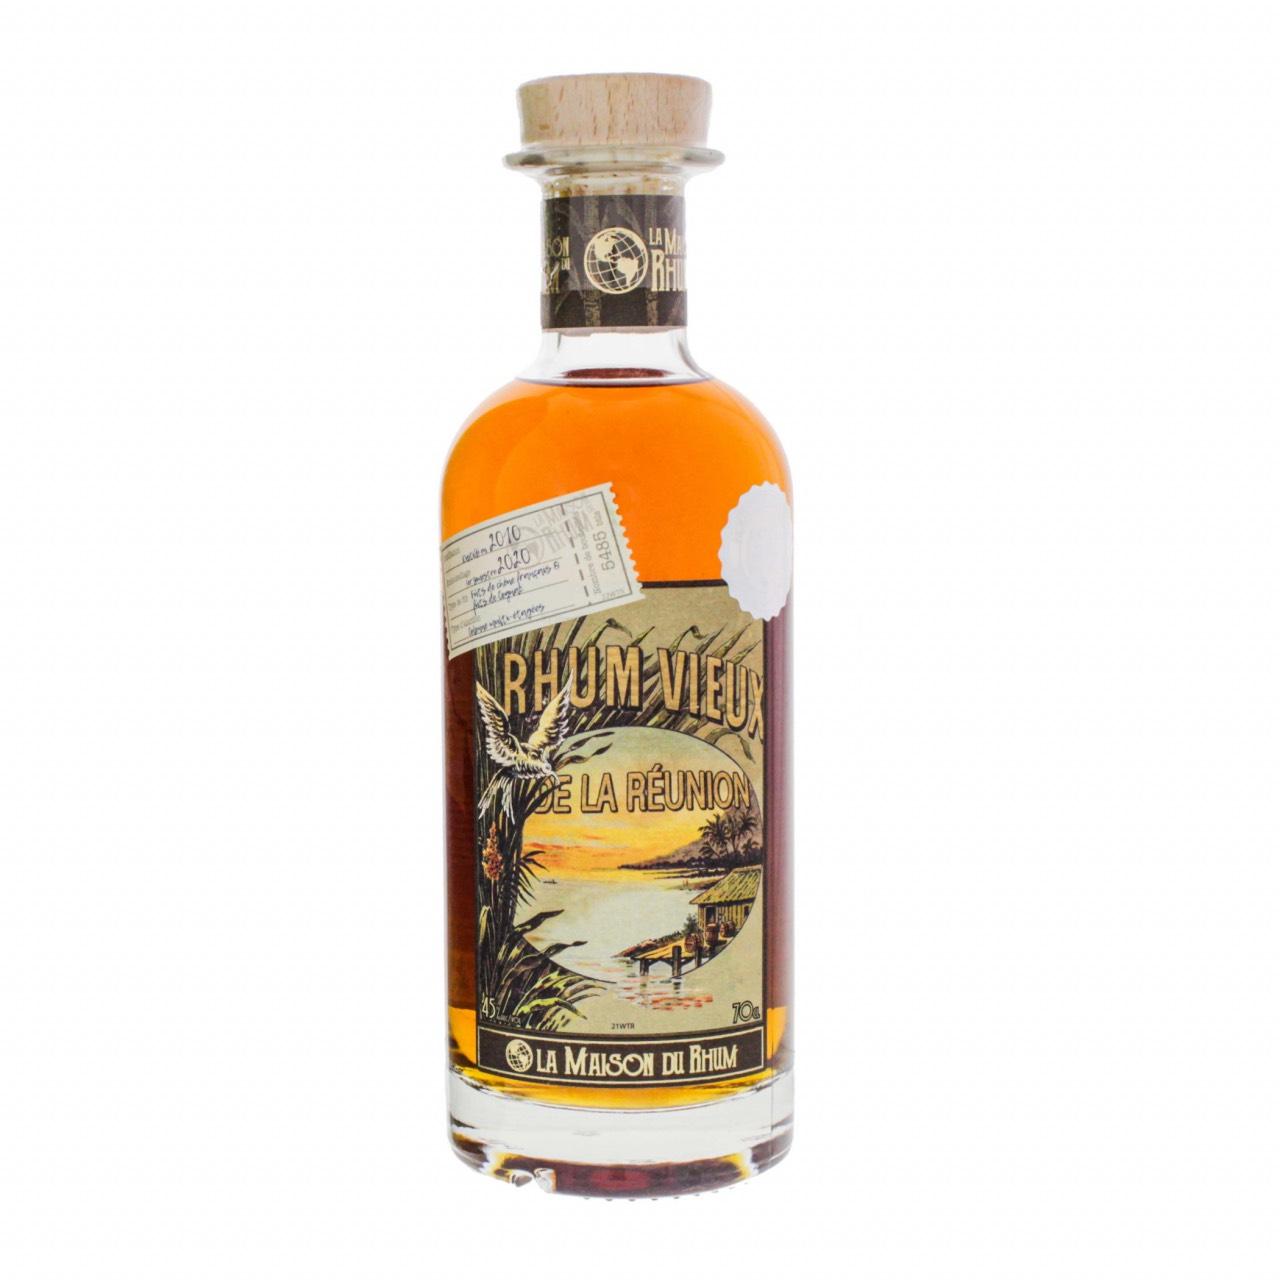 Bottle image of La Maison du Rhum #3